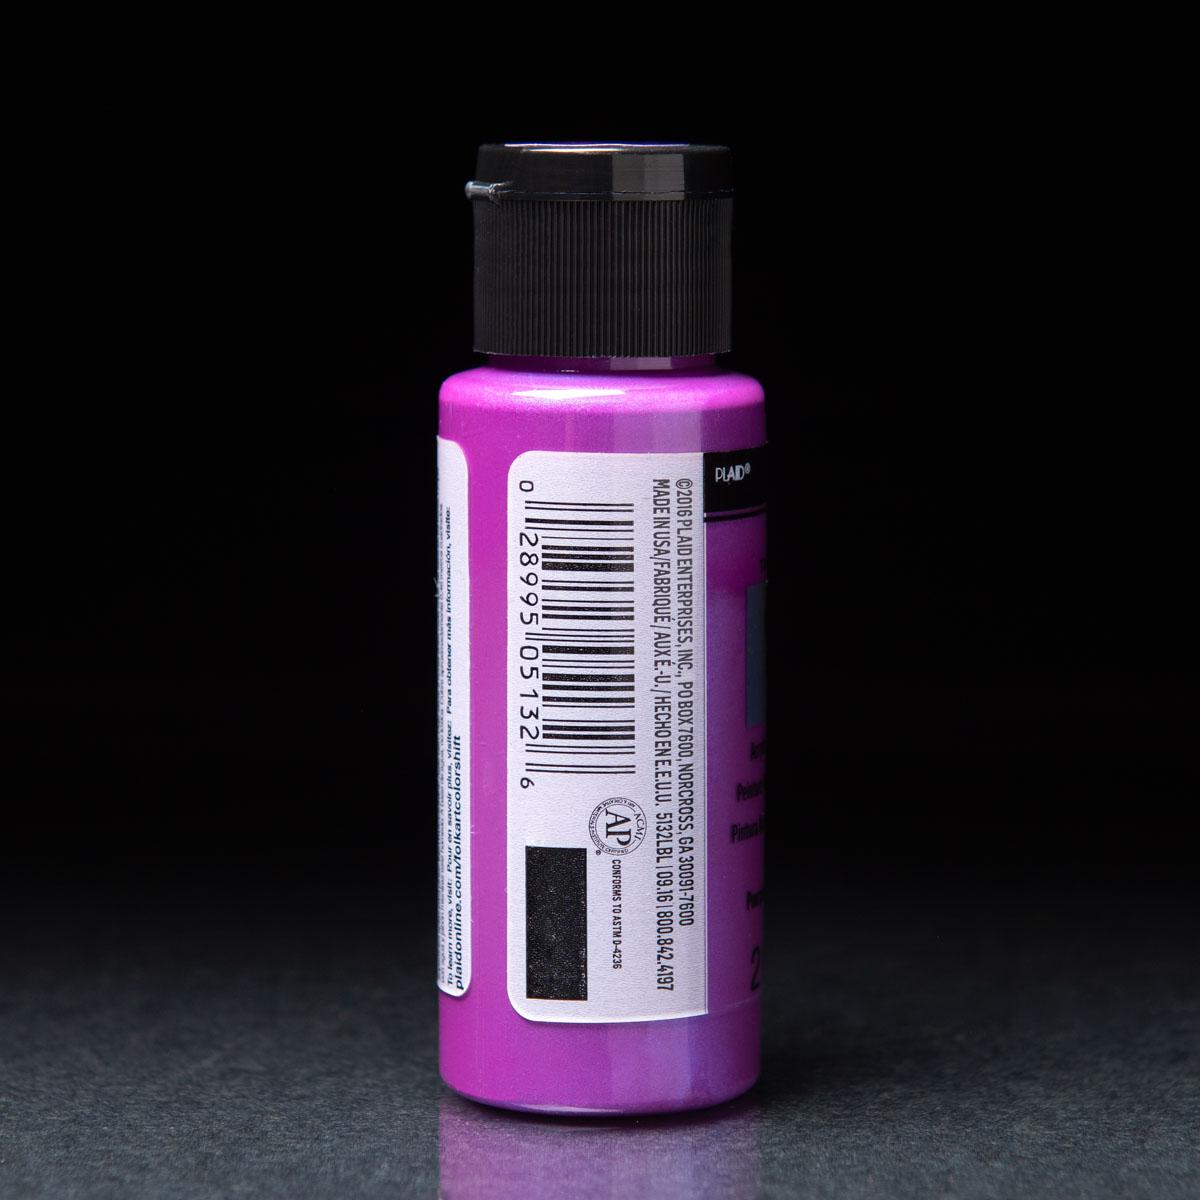 FolkArt ® Color Shift™ Acrylic Paint Set 4 Color - PROMOCS4